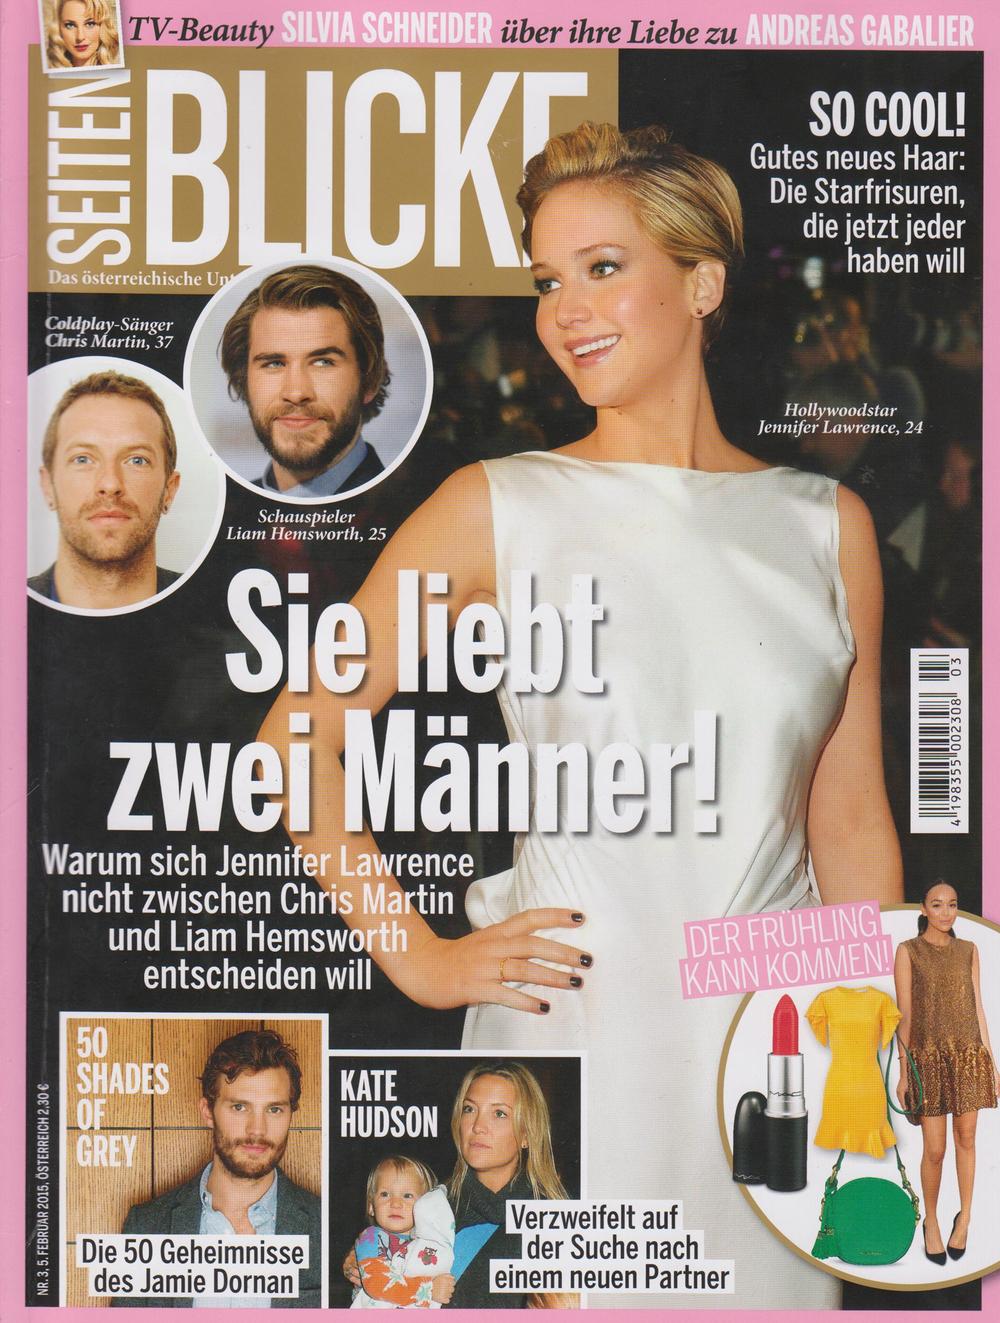 Seitenblicke_Nr3_Februar2015_Cover.jpg